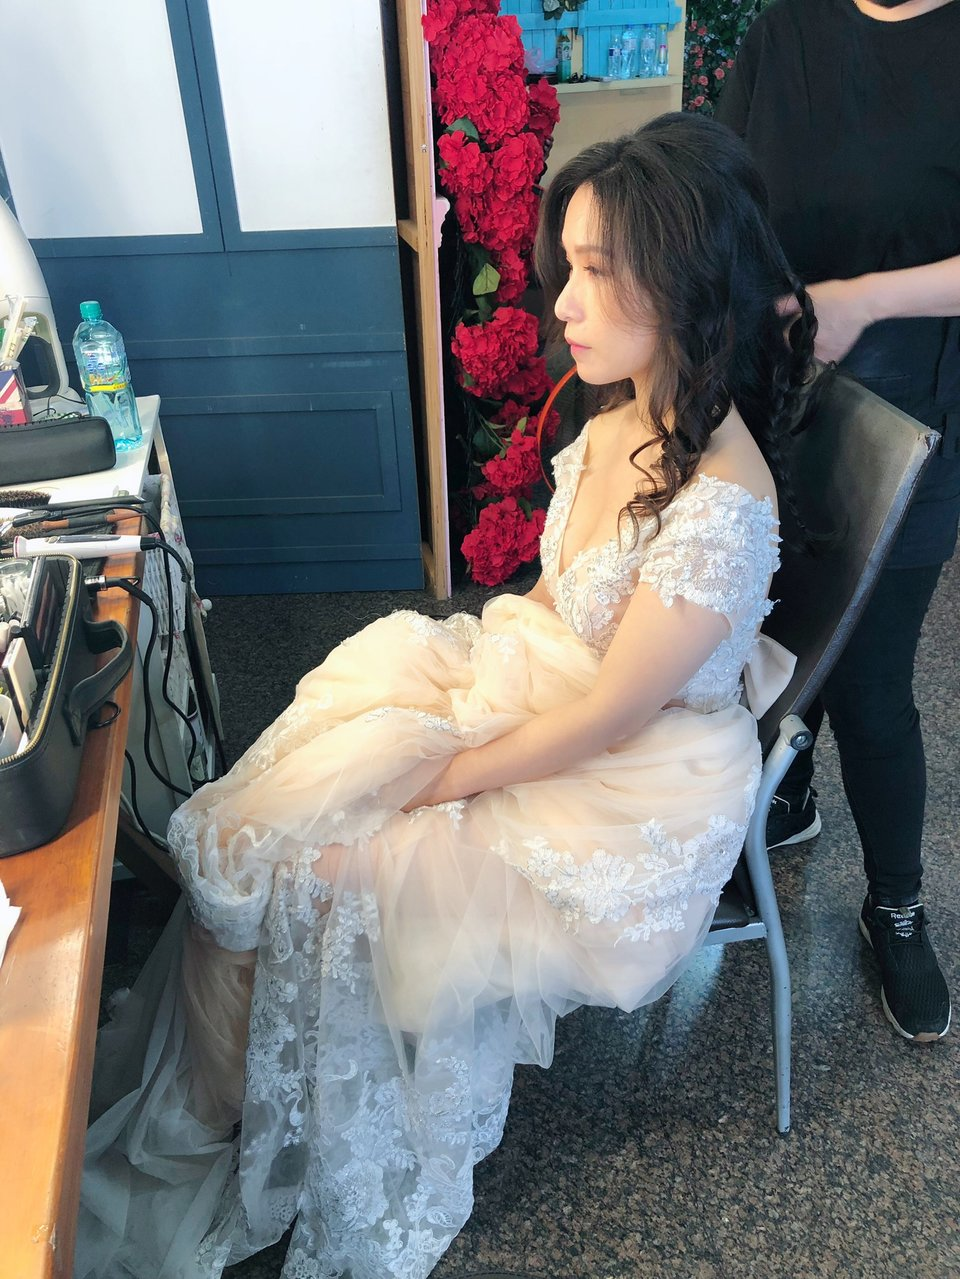 伊頓自助婚紗攝影工作室(台北西門店),伊頓自助婚紗。真人真事改編。撲通撲通拍攝日誌。